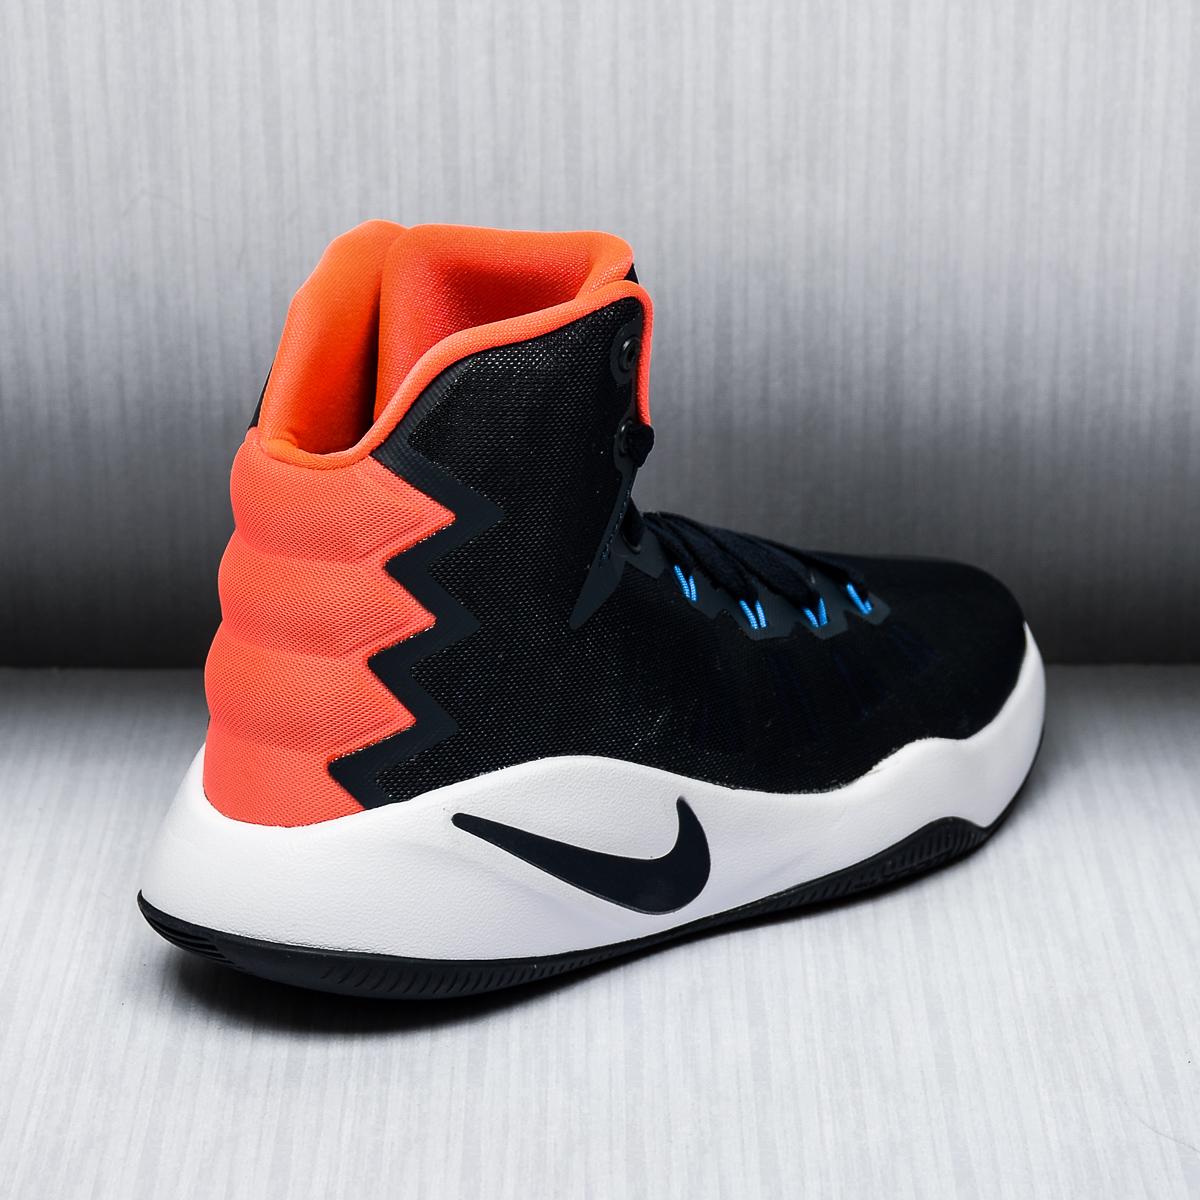 Nike Hyperdunk 2016 GS - BASKETBALL SHOES Basketball Shoes ...